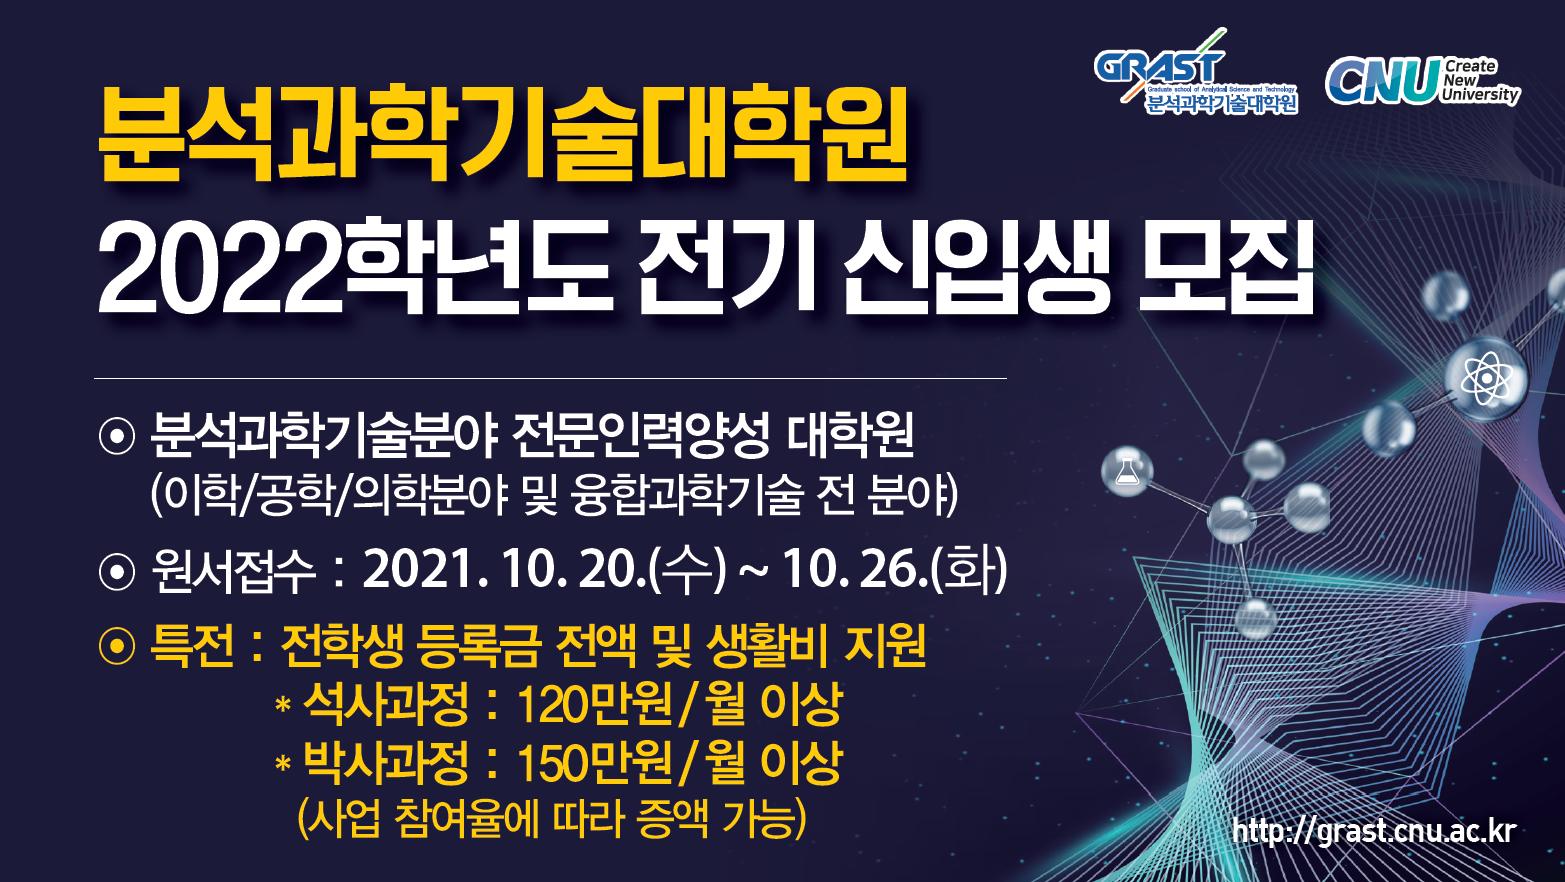 (붙임5) DID 홍보용(신입생모집).png